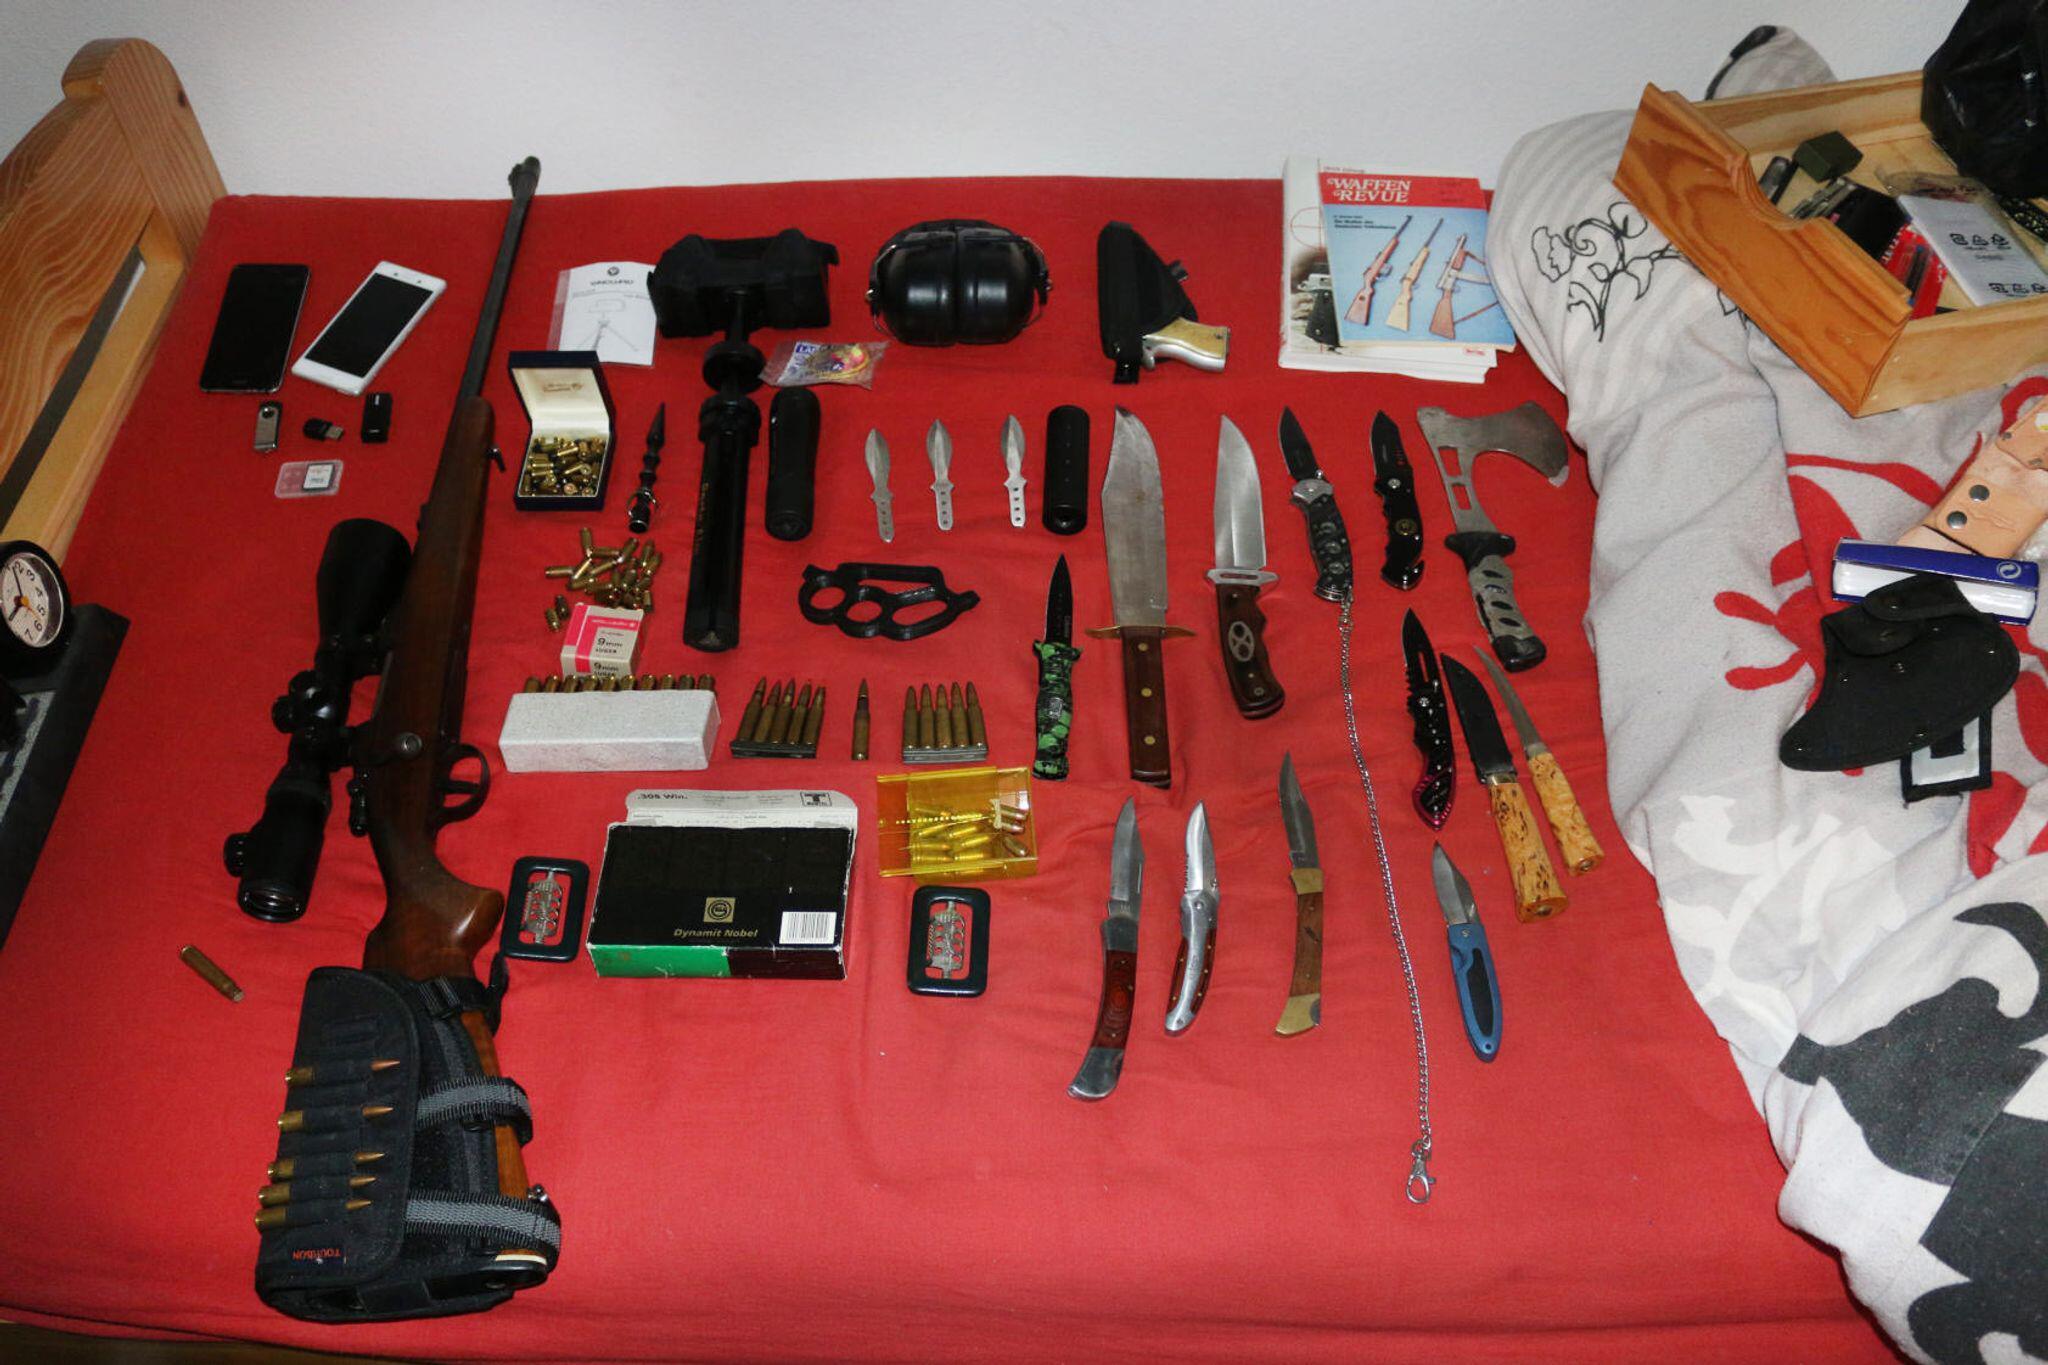 Bild zu Waffen und Munition bei Bundeswehrsoldat gefunden